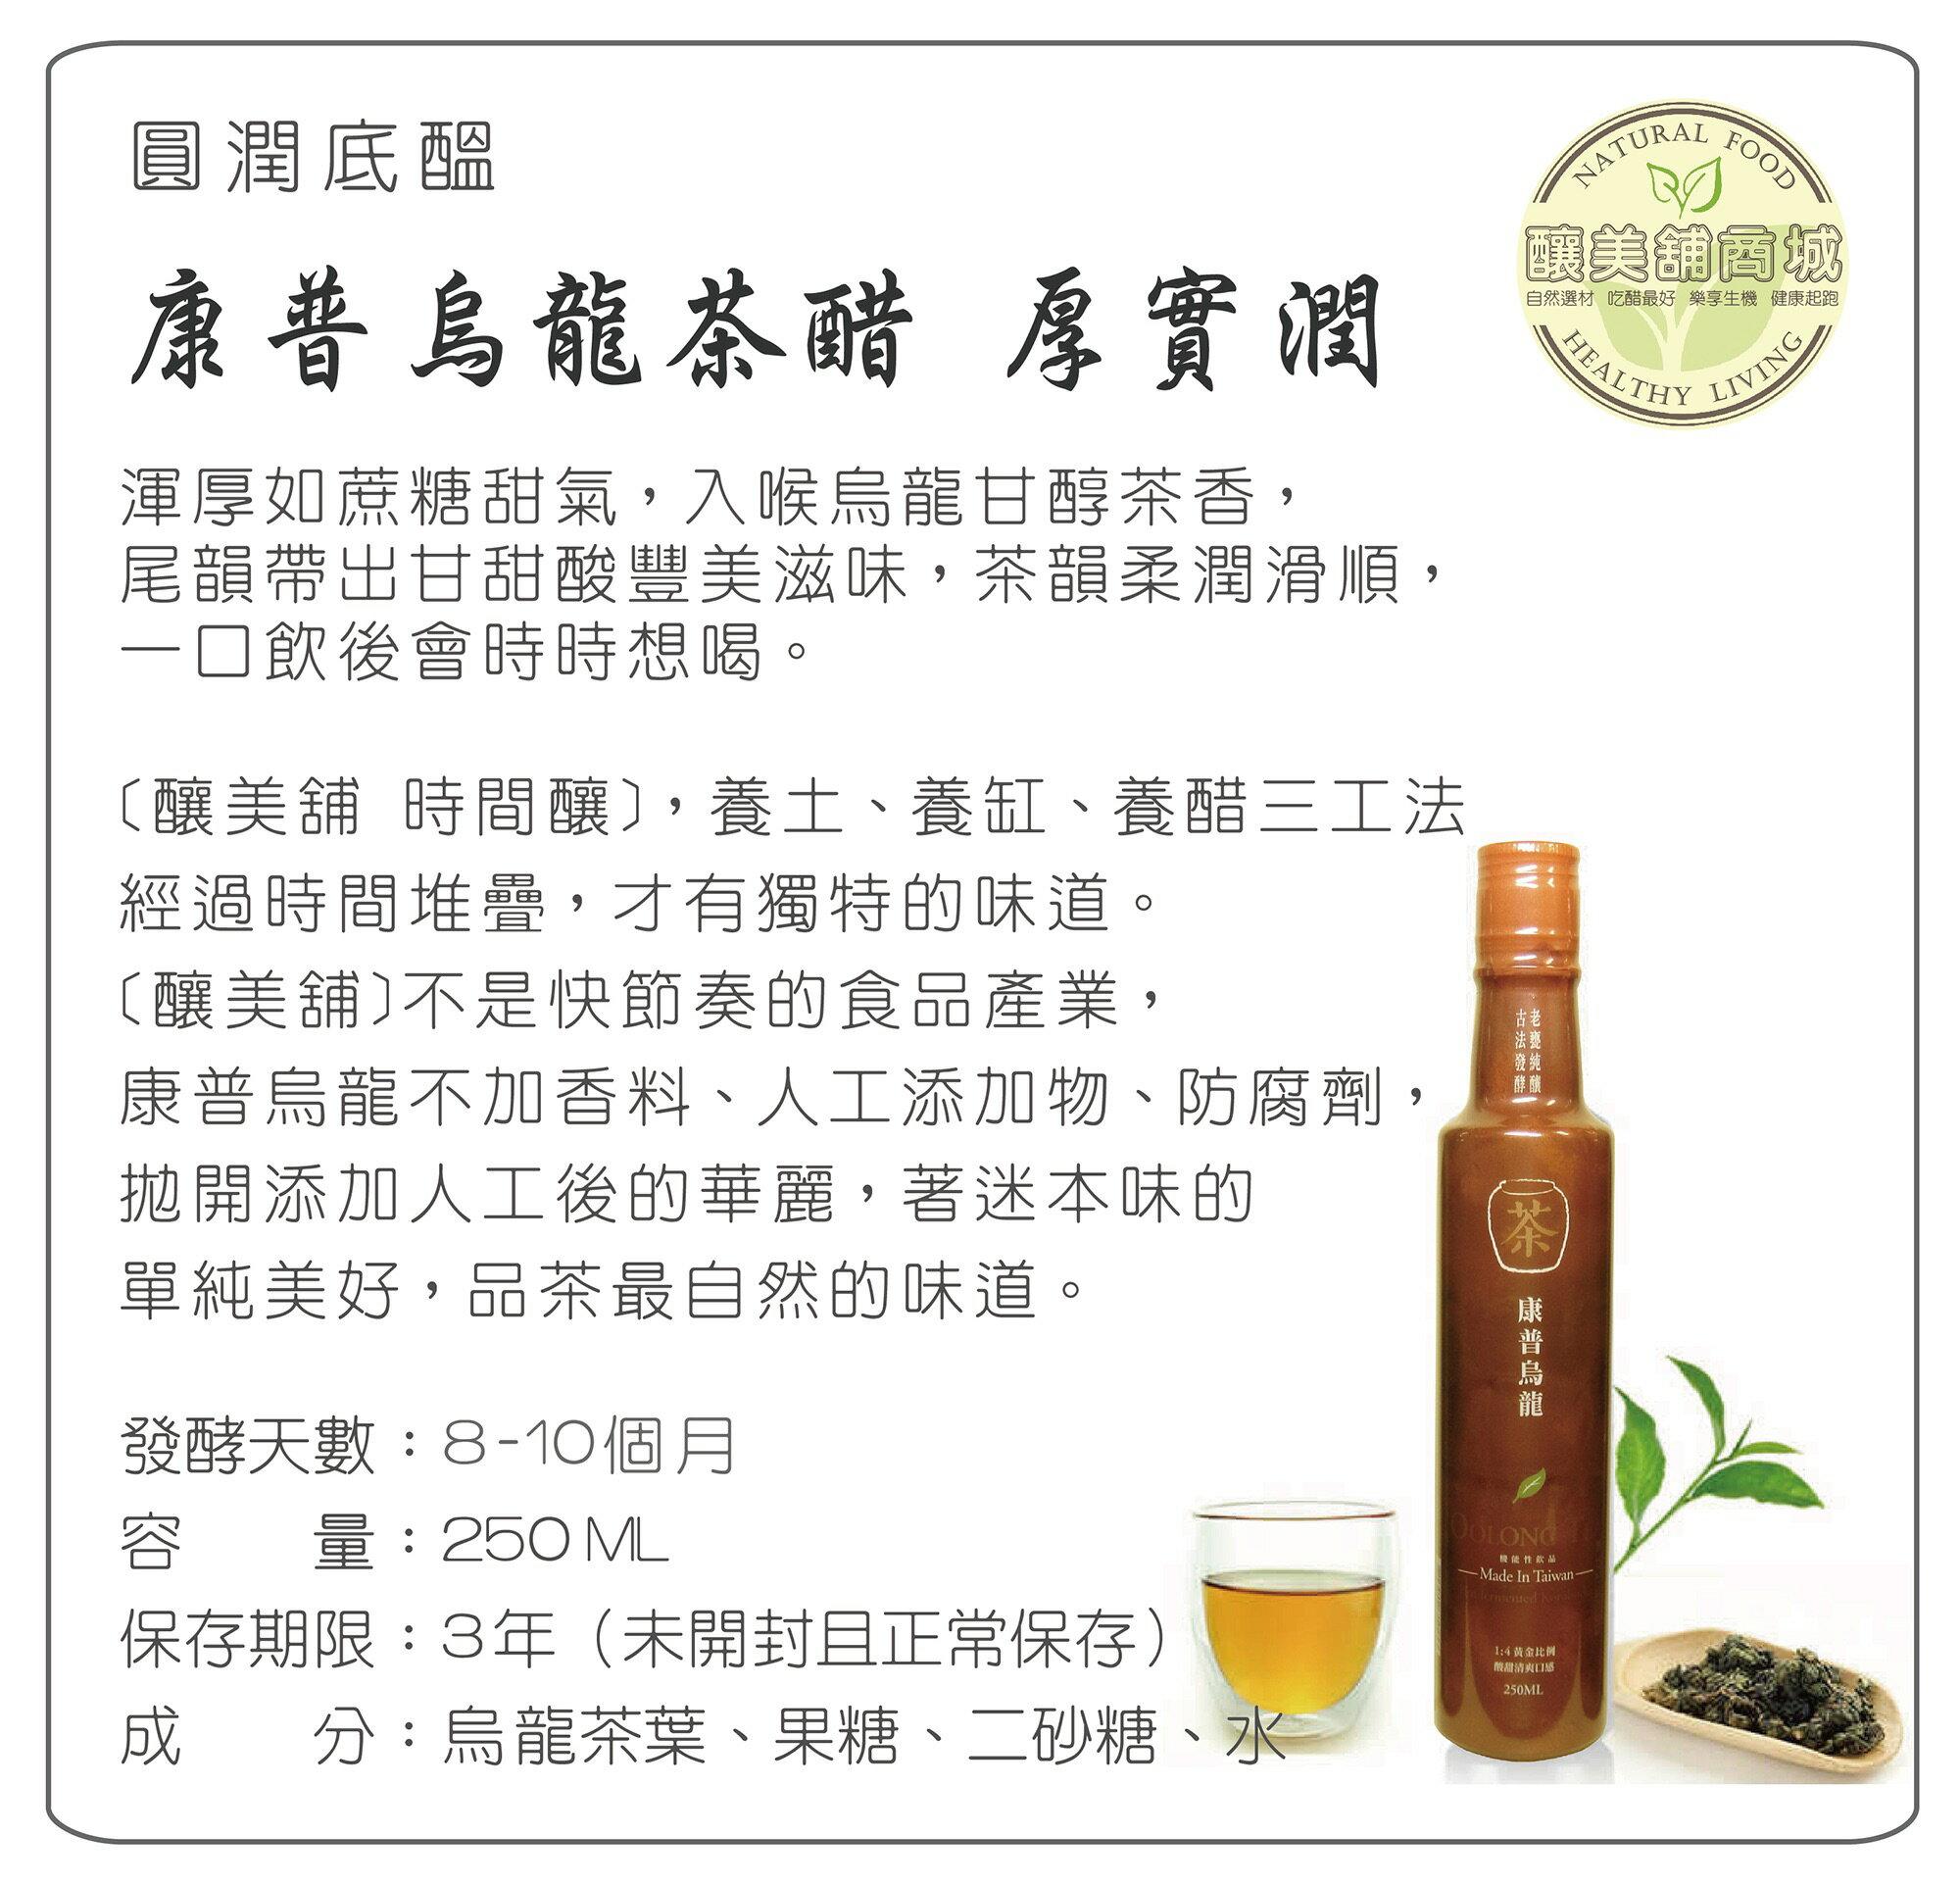 【釀美舖】康普 烏龍茶醋 (純茶甕釀) 2